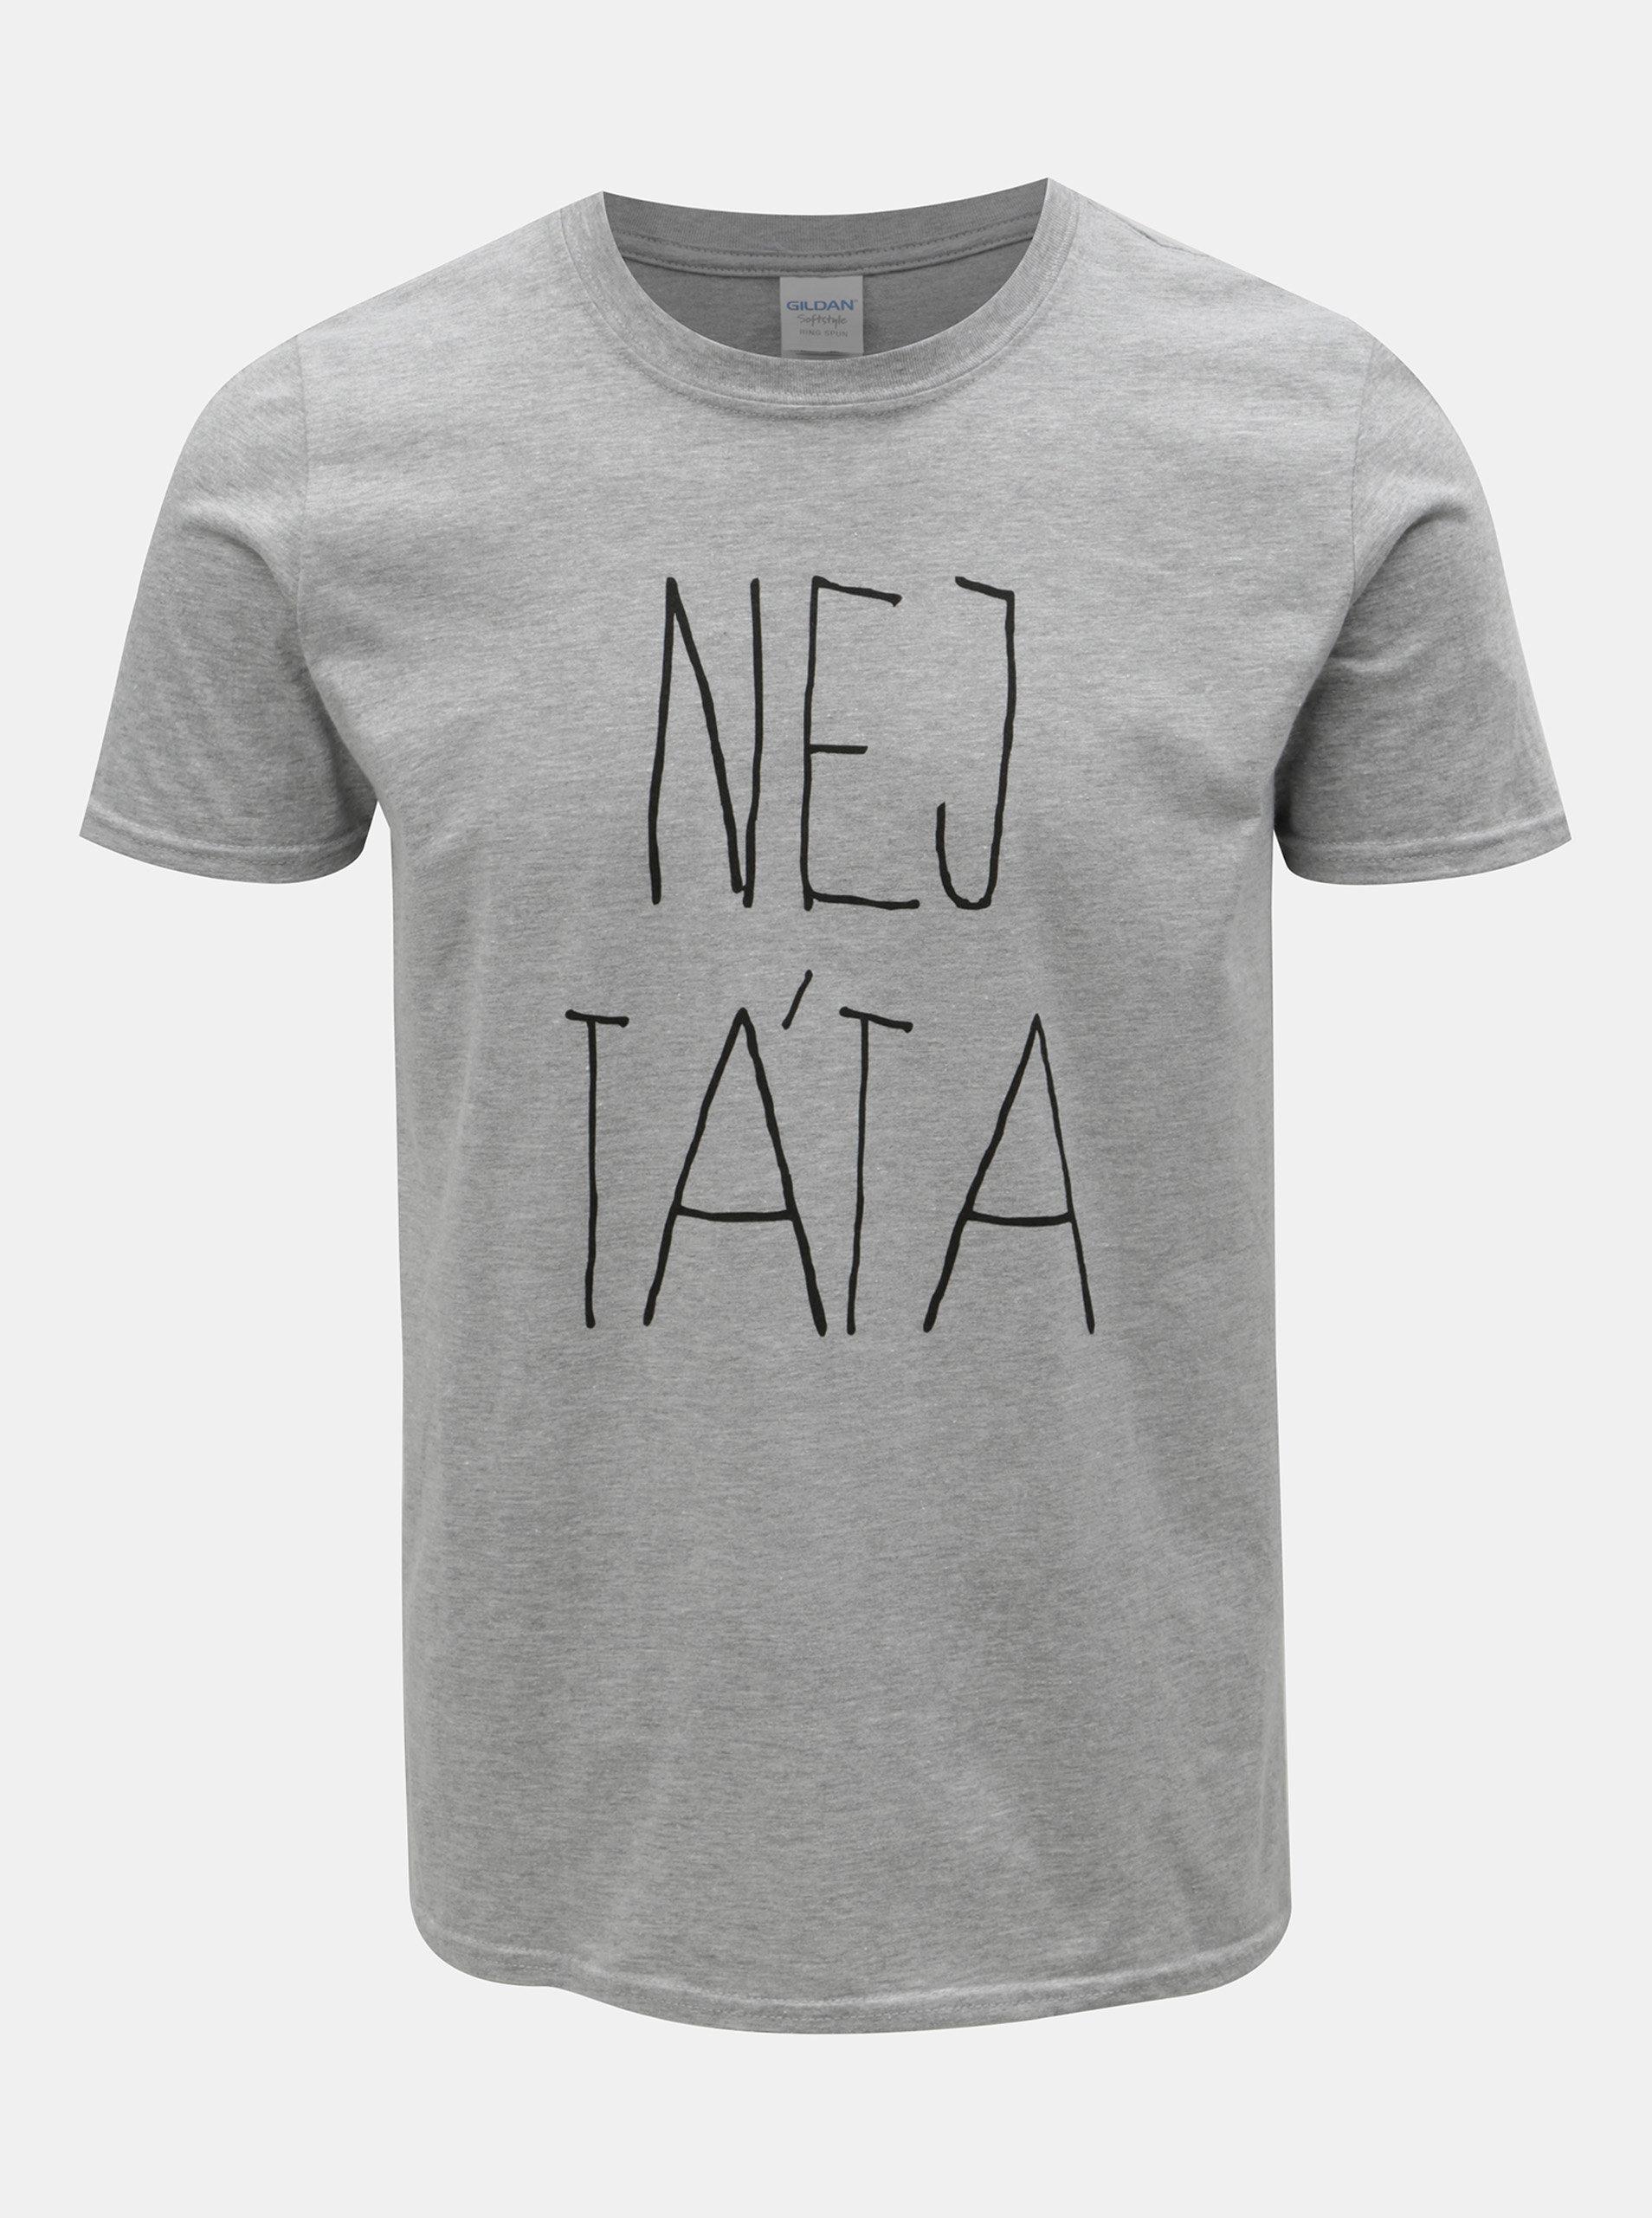 d4d67ebc7a7c Šedé pánské tričko ZOOT Originál Nej táta ...